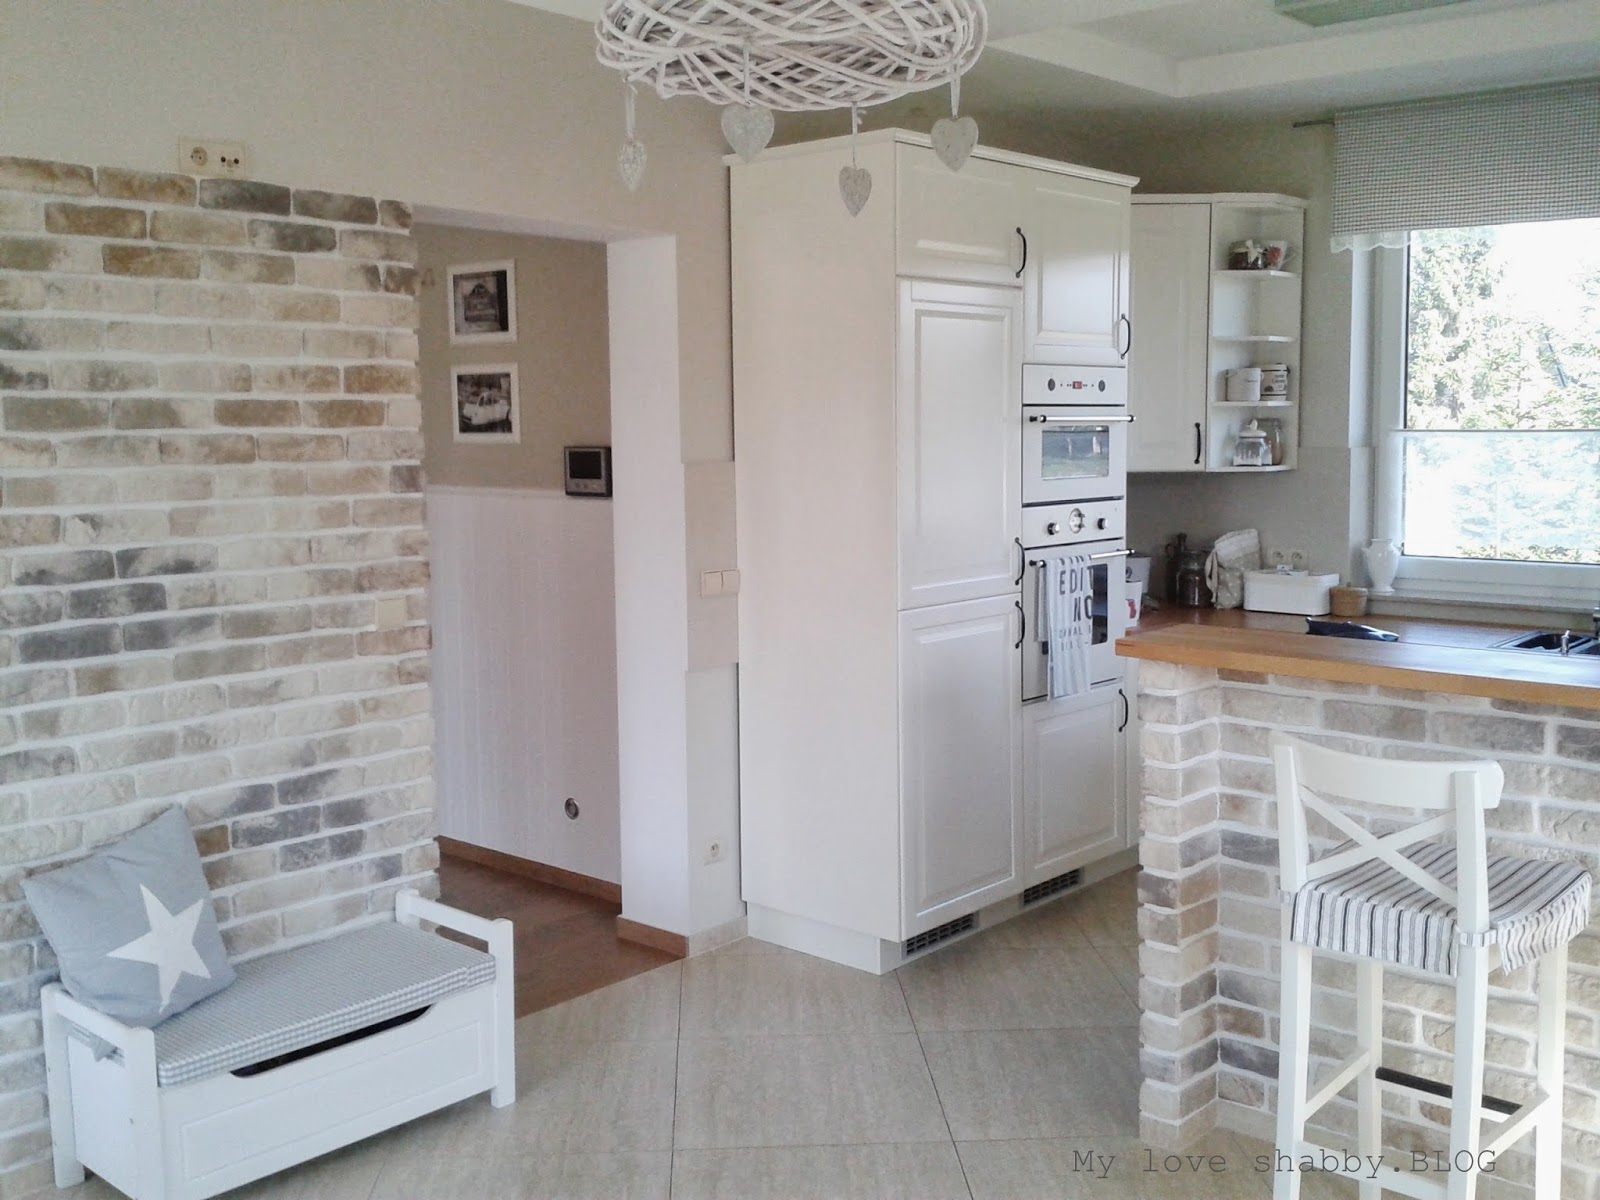 MLS blog  blog lifestylowy, wnętrza, inspiracje, DIY Biała kuchnia z drewni   -> Kuchnia Biala Z Drewnianymi Elementami